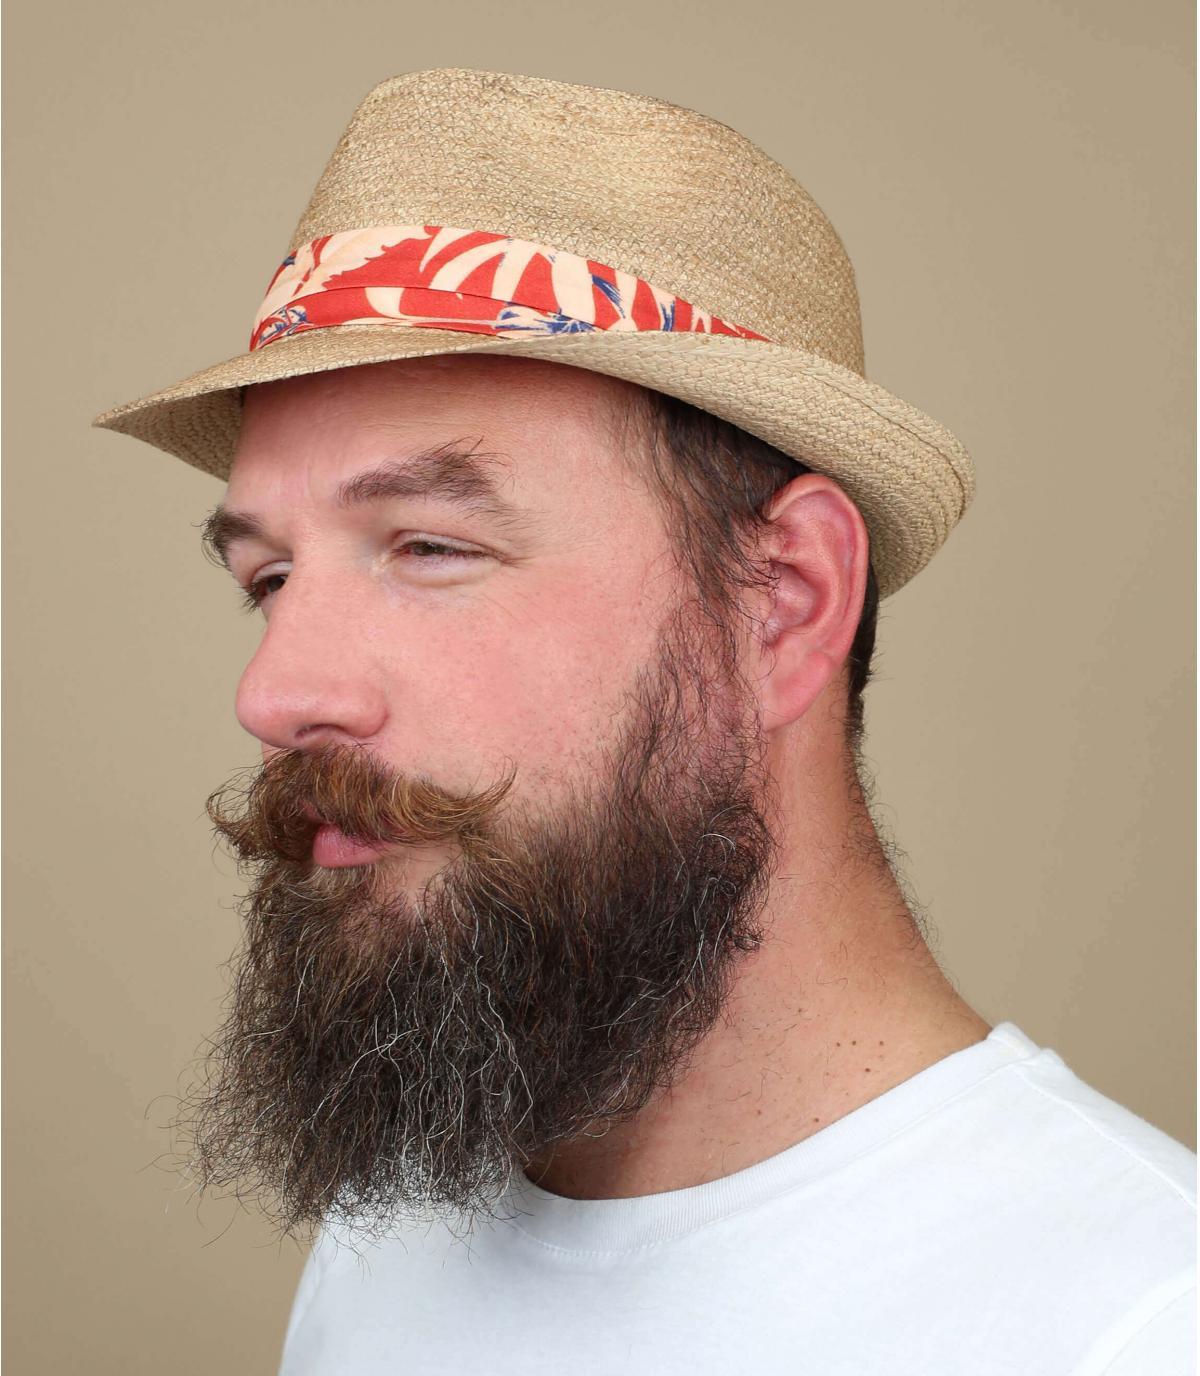 cappello di paglia con strisce arancioni